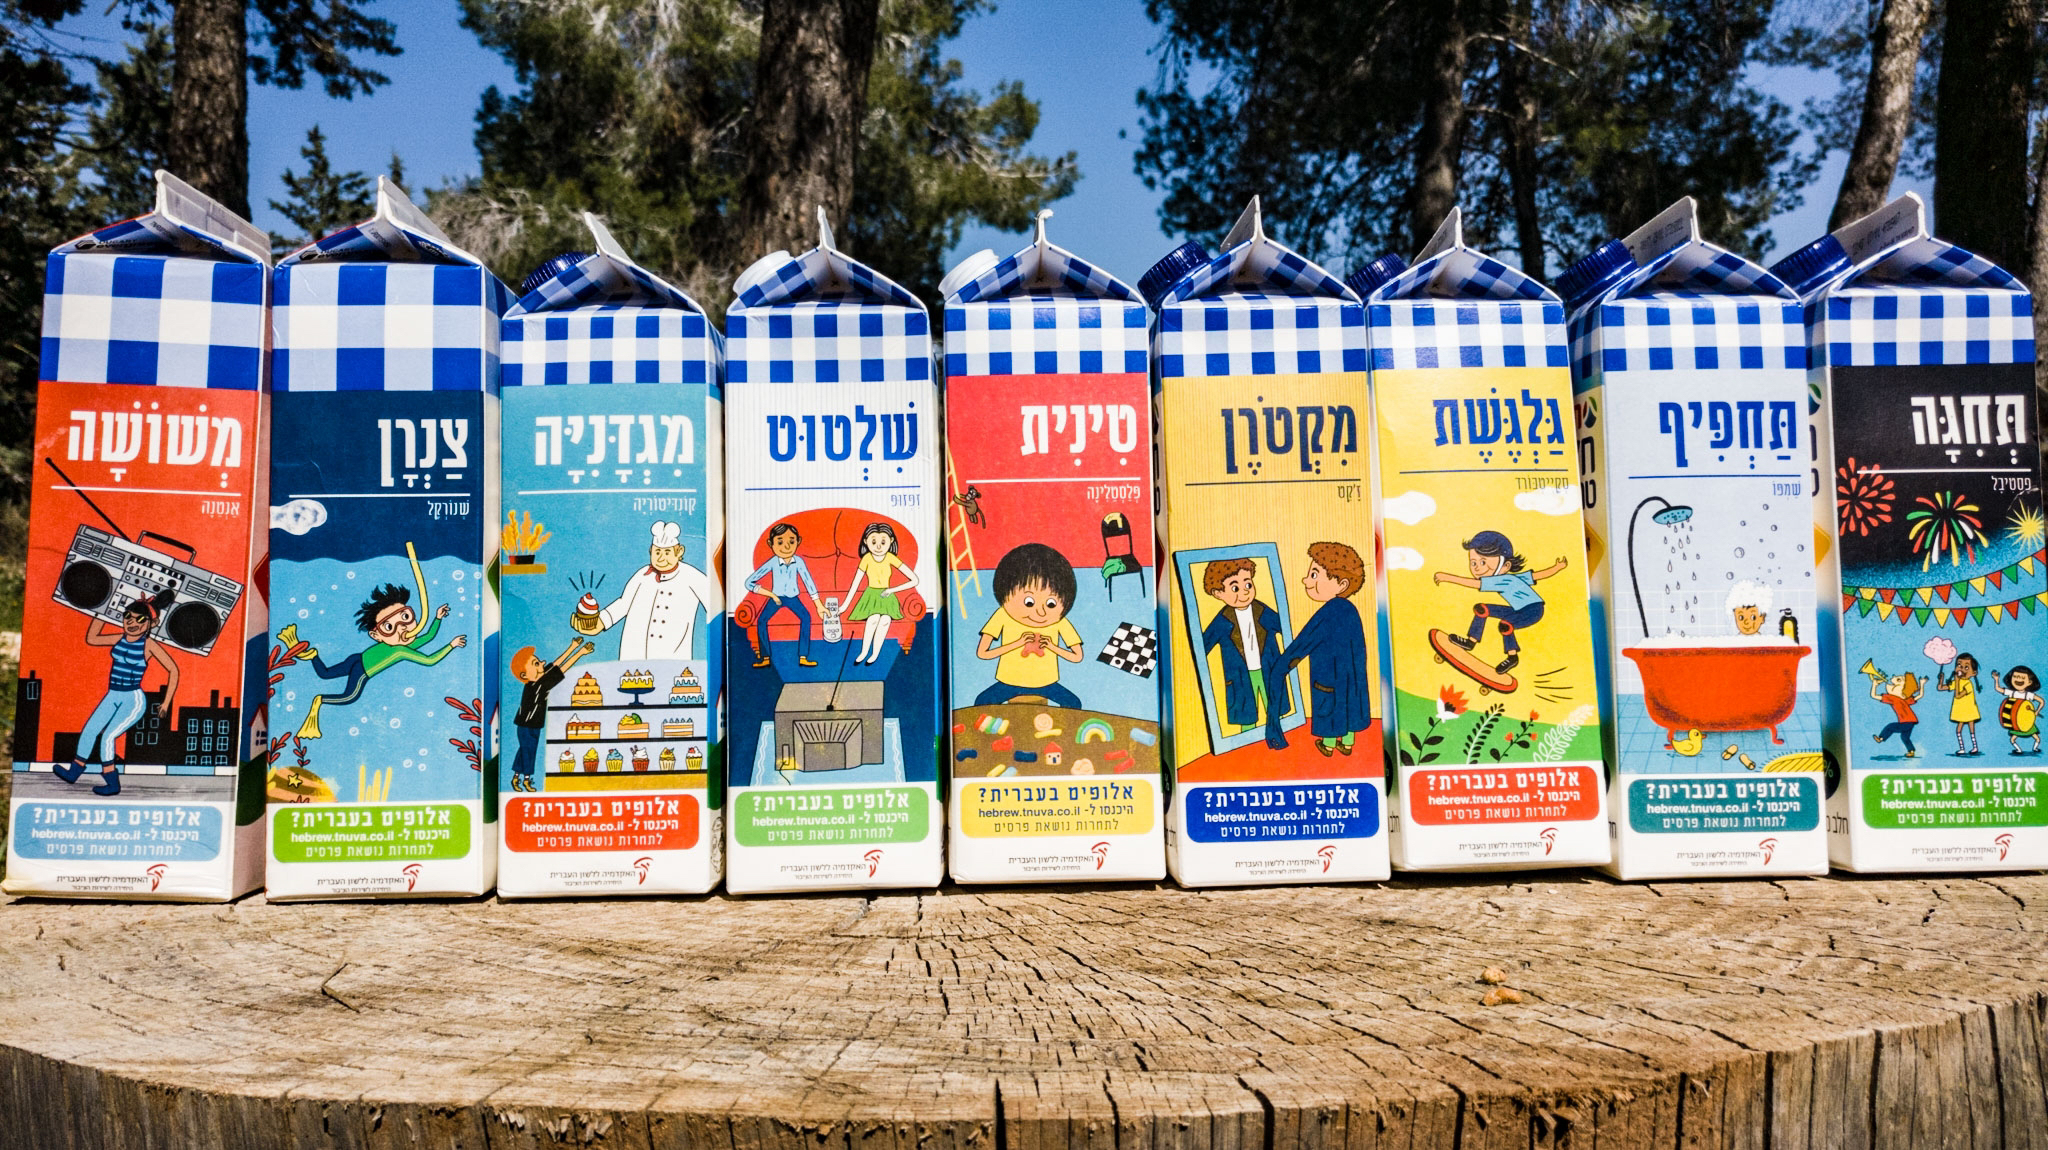 צילום קרטוני חלב ועליהם איורים למילים עבריות מחודשות